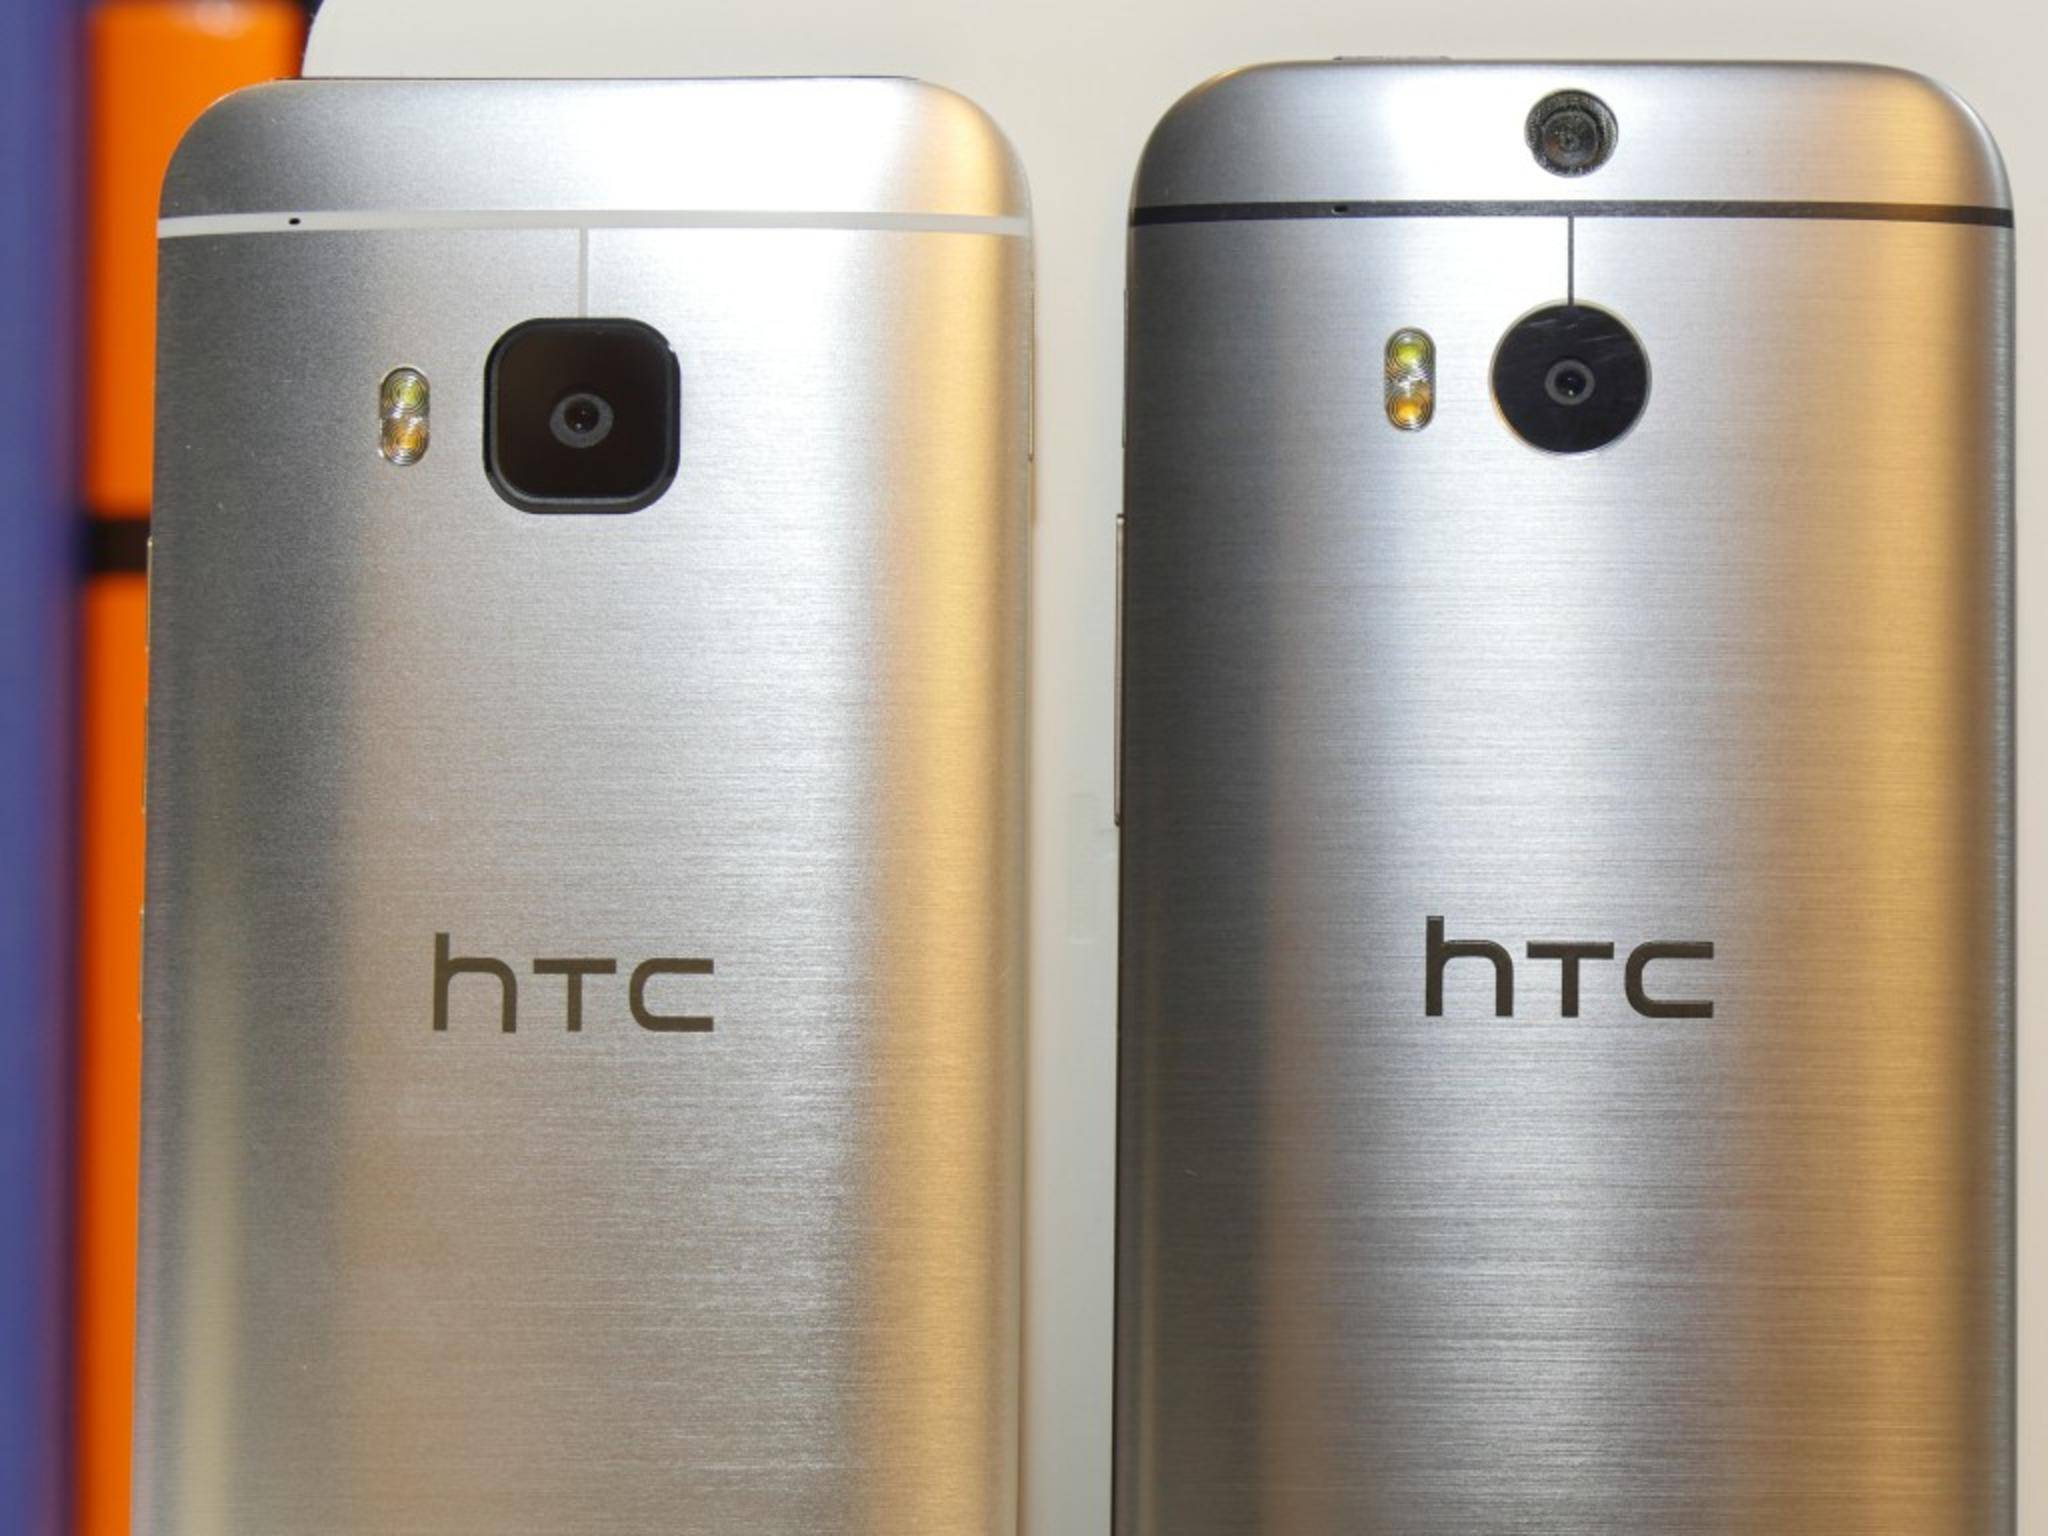 Der Antennenstreifen bleibt wohl auch beim HTC One M10 so deutlich sichtbar.